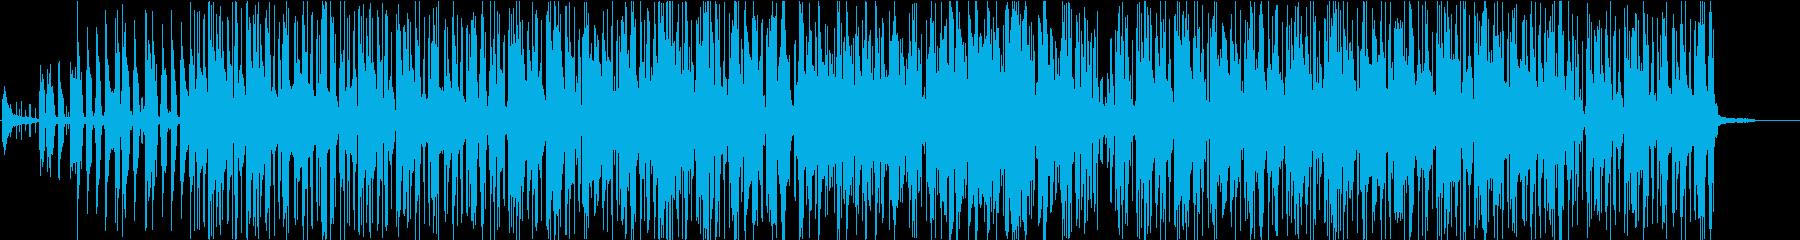 フュージョンでジャズな曲の再生済みの波形